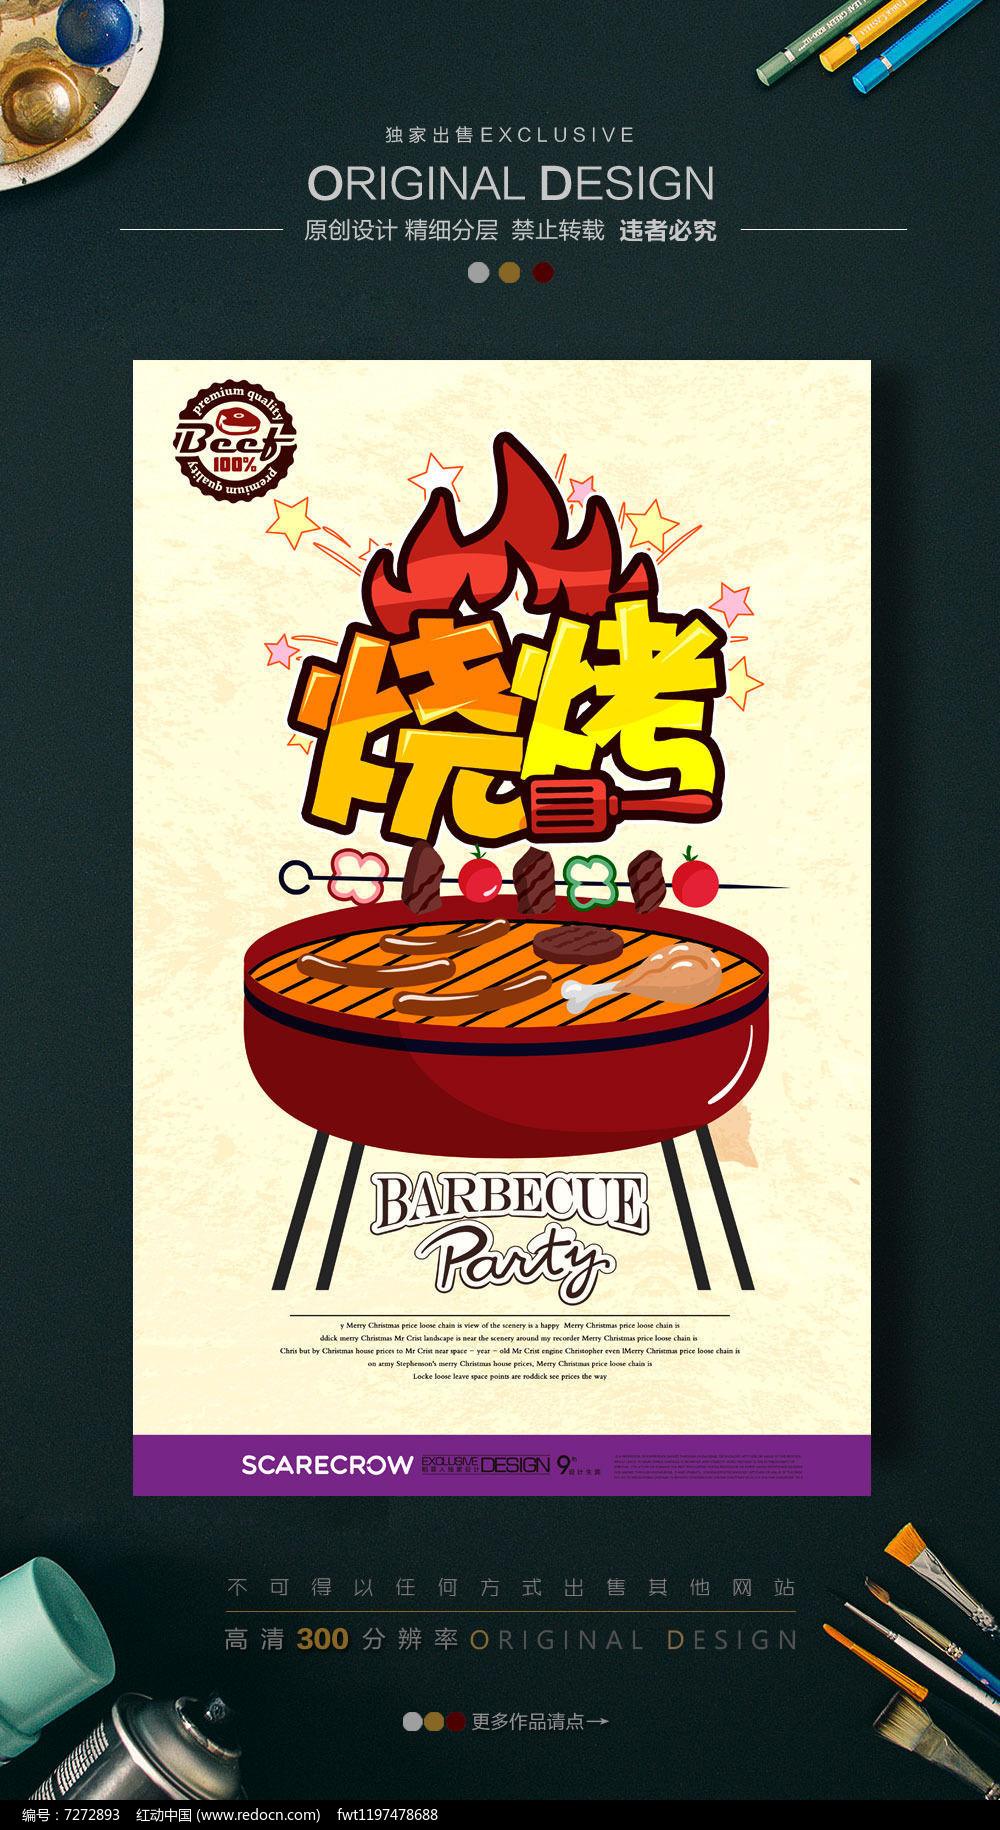 原创设计稿 海报设计/宣传单/广告牌 海报设计 手绘烧烤创意海报图片